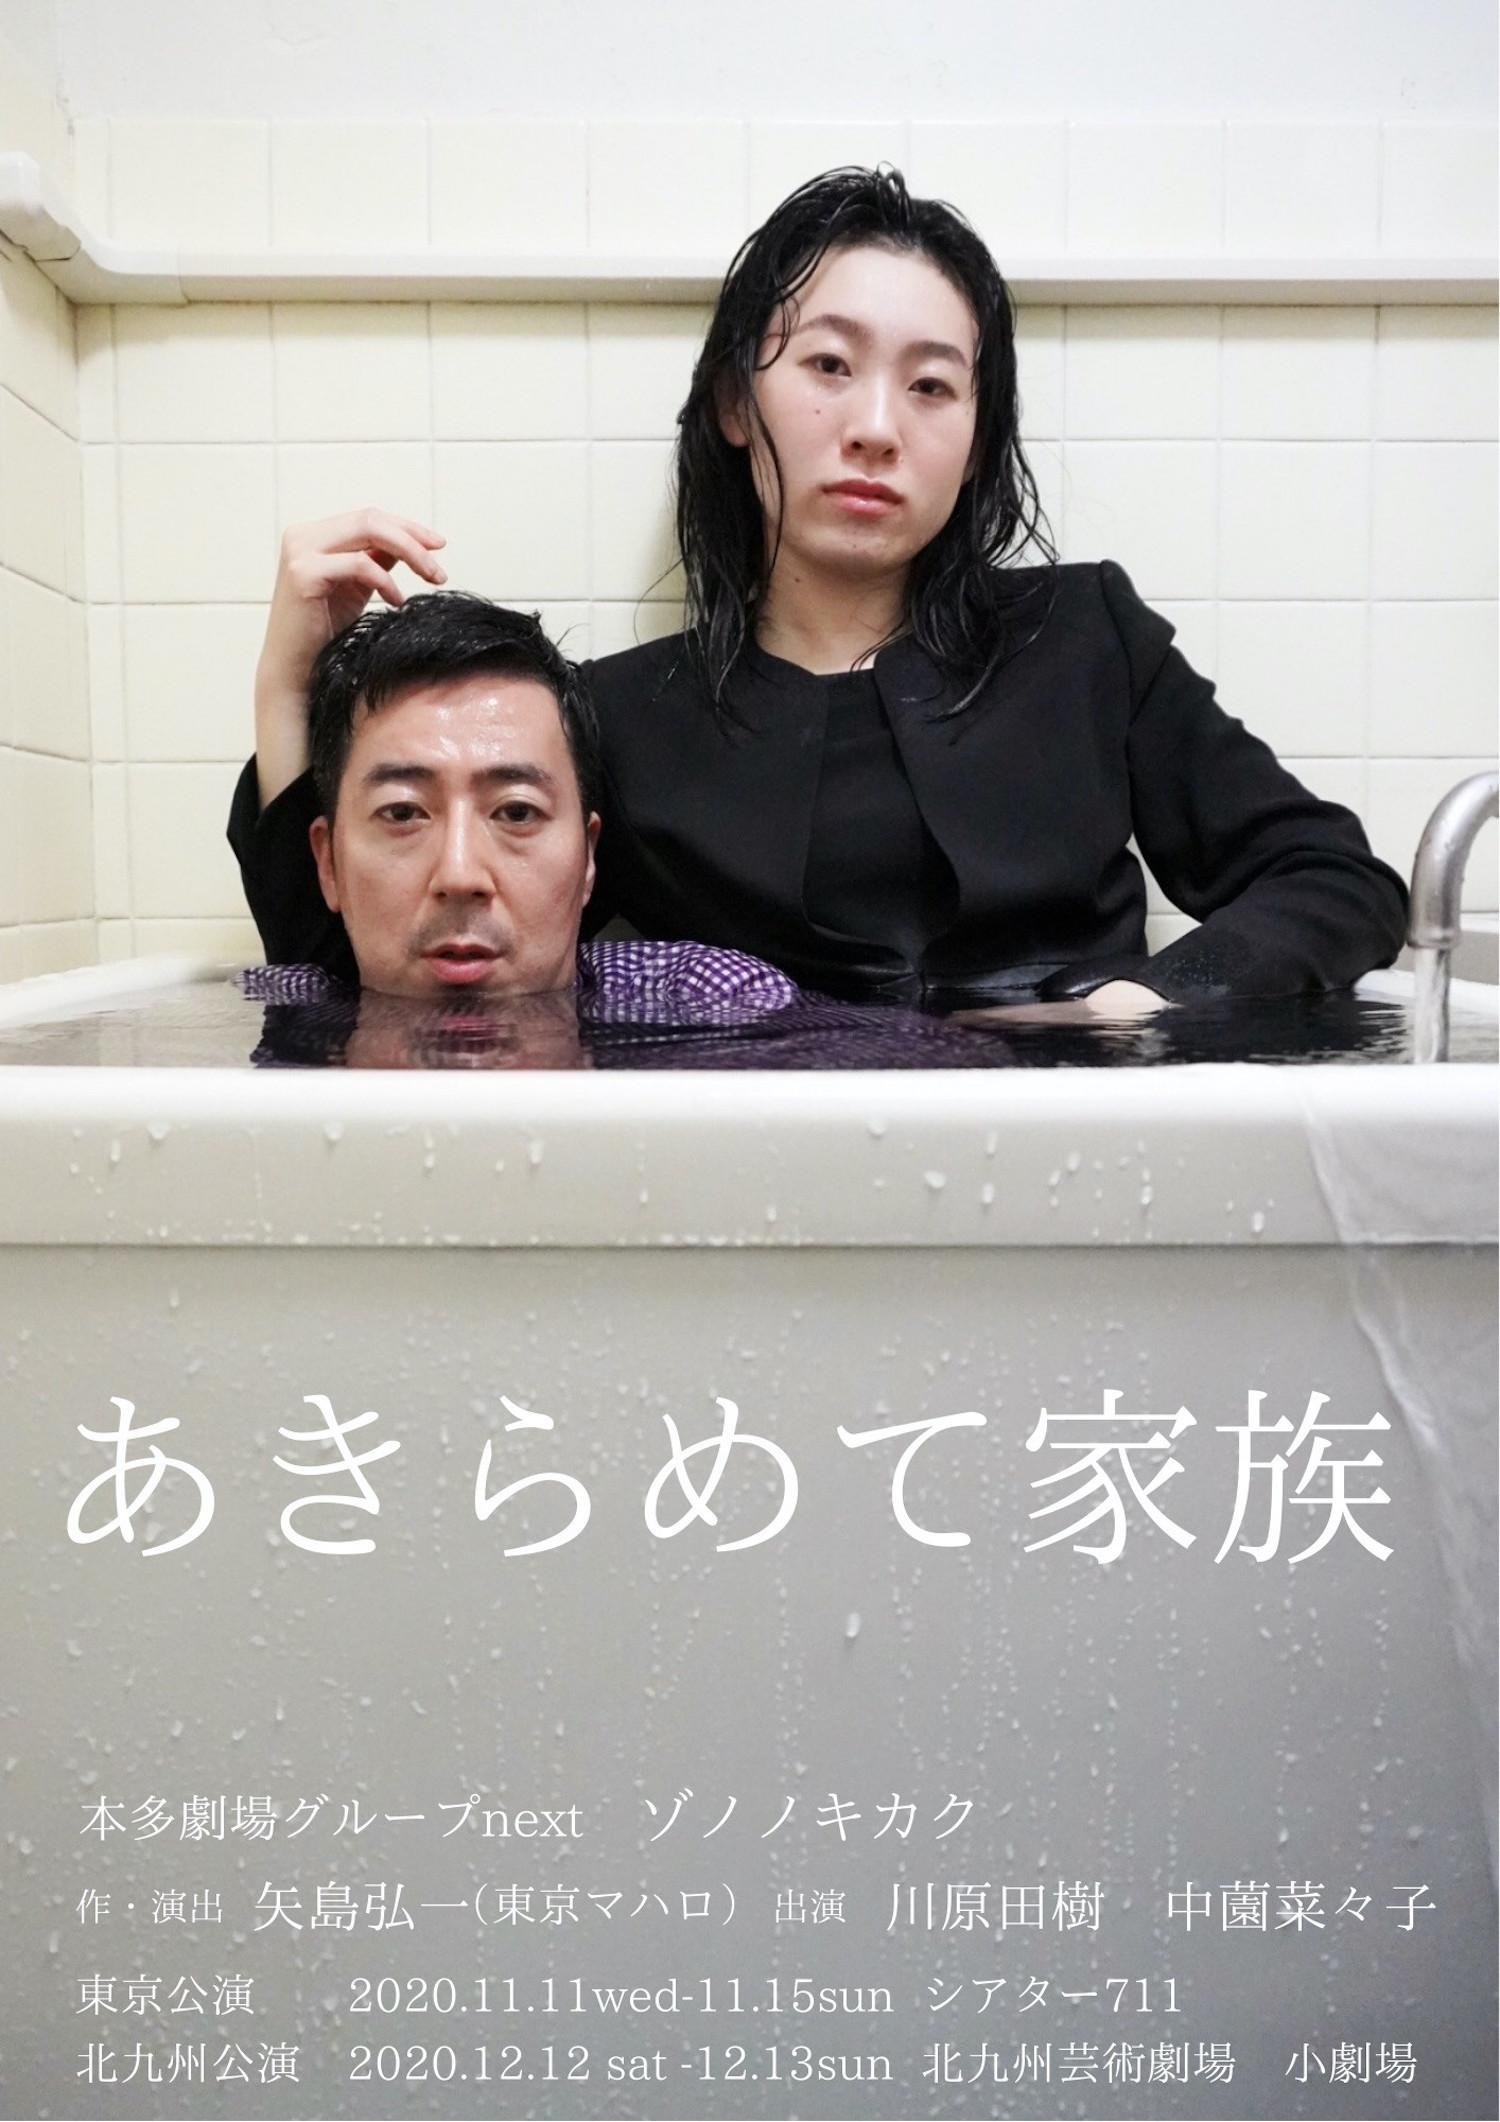 本多劇場グループnext ゾノノキカク「あきらめて家族」